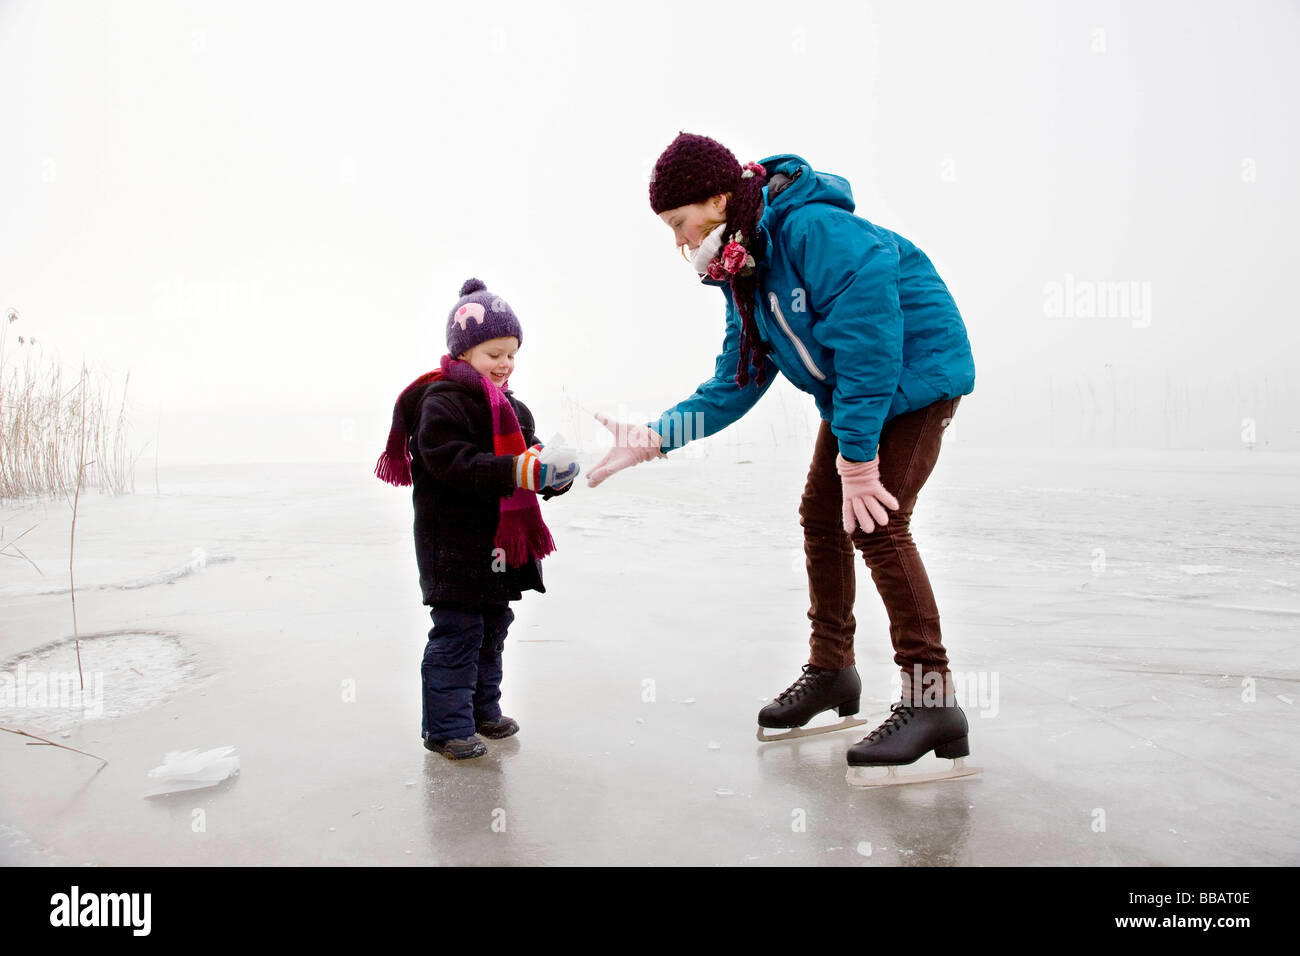 Ragazzo e una ragazza pattinaggio sul lago ghiacciato Immagini Stock